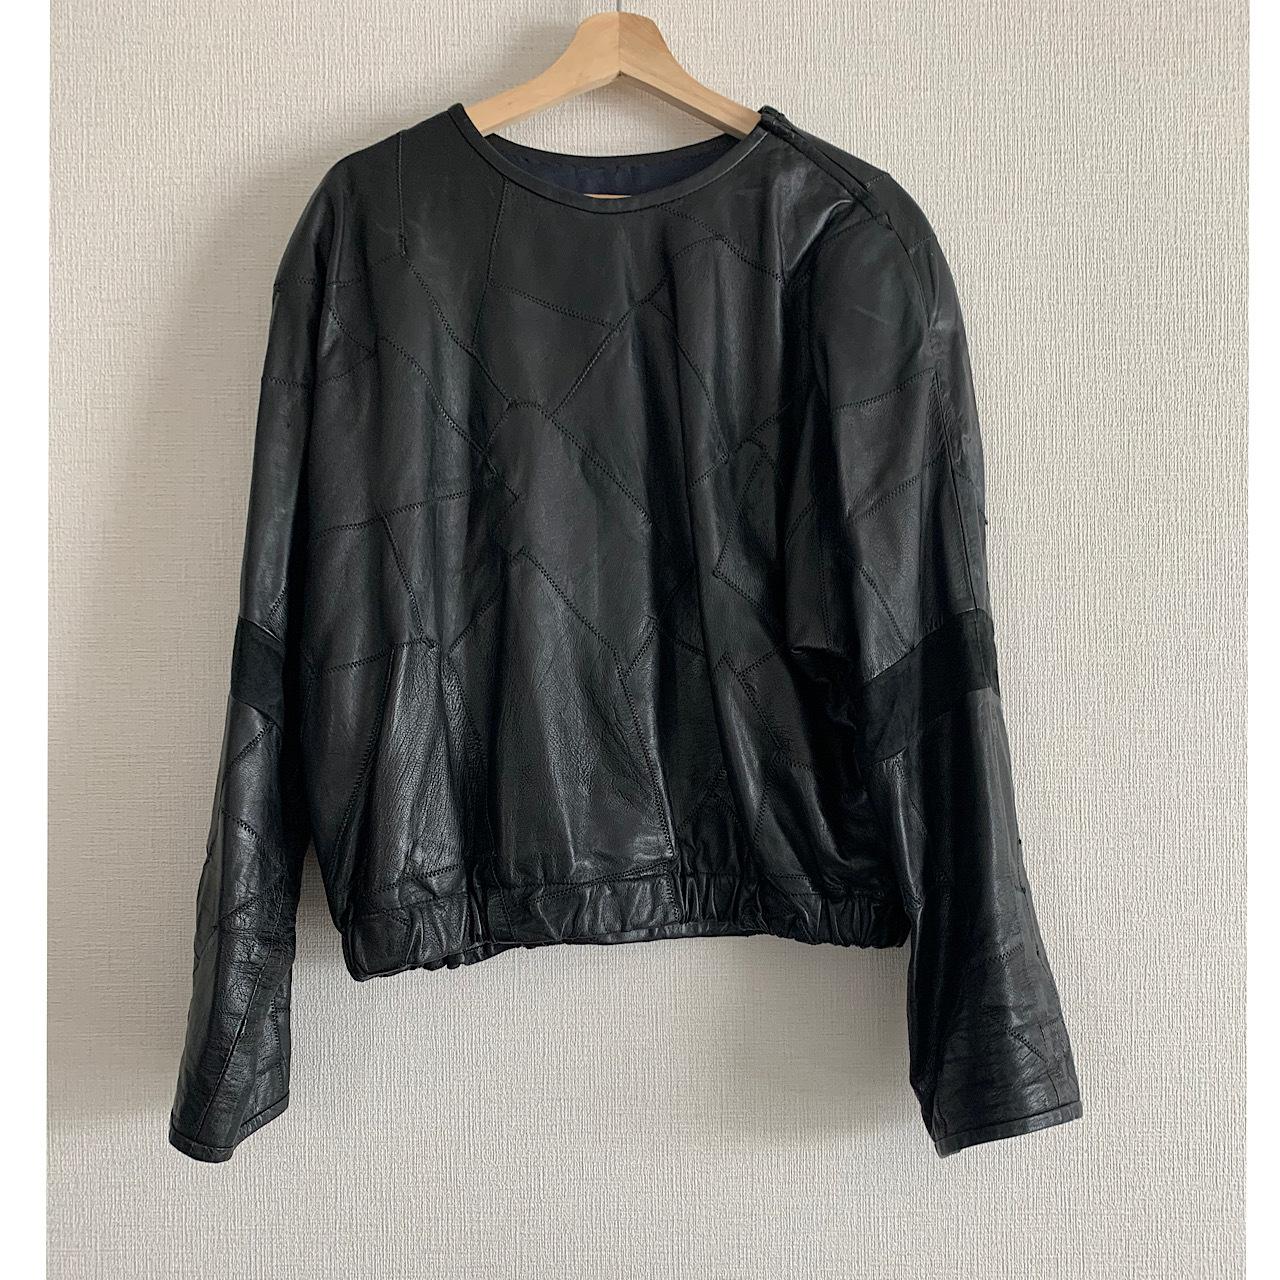 80's vintage black leather patchwork pullover